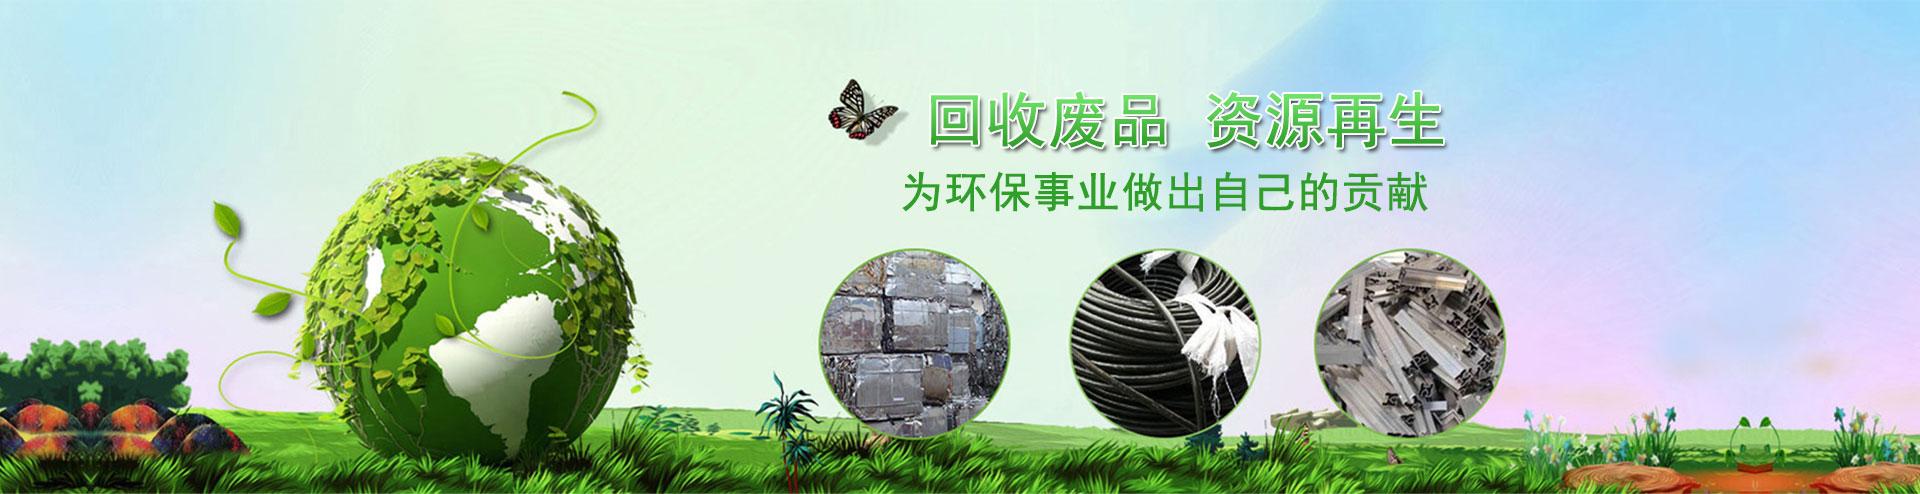 洛江区废金属回收